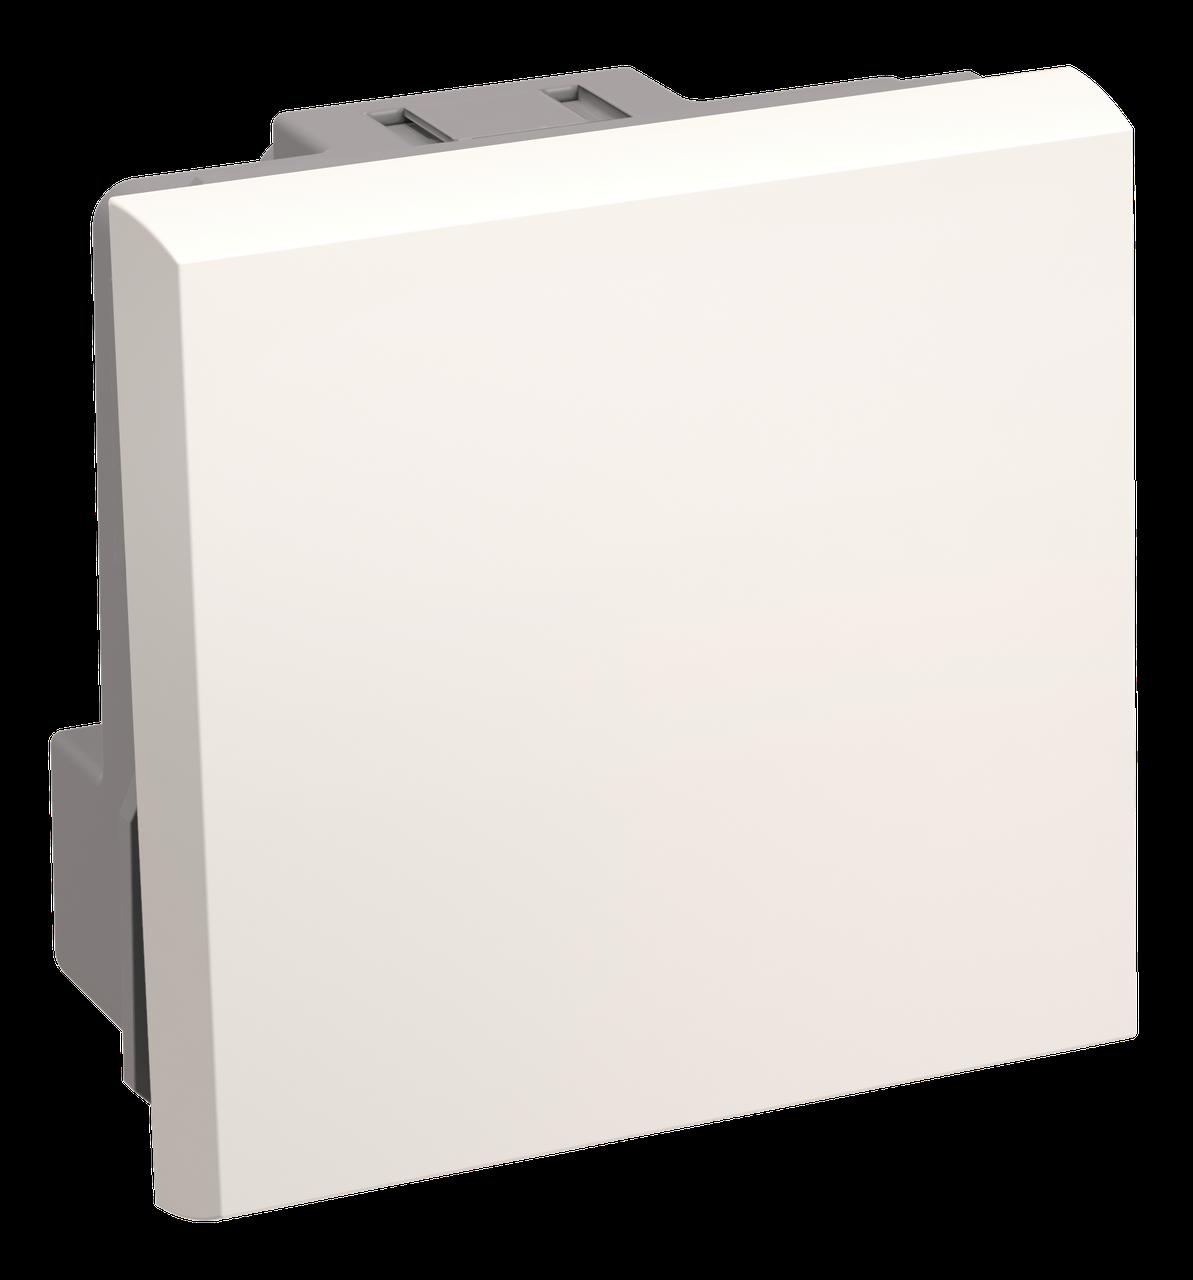 Выключатель одноклавишный на 2 модуля. ВКО-21-00-П ИЭК